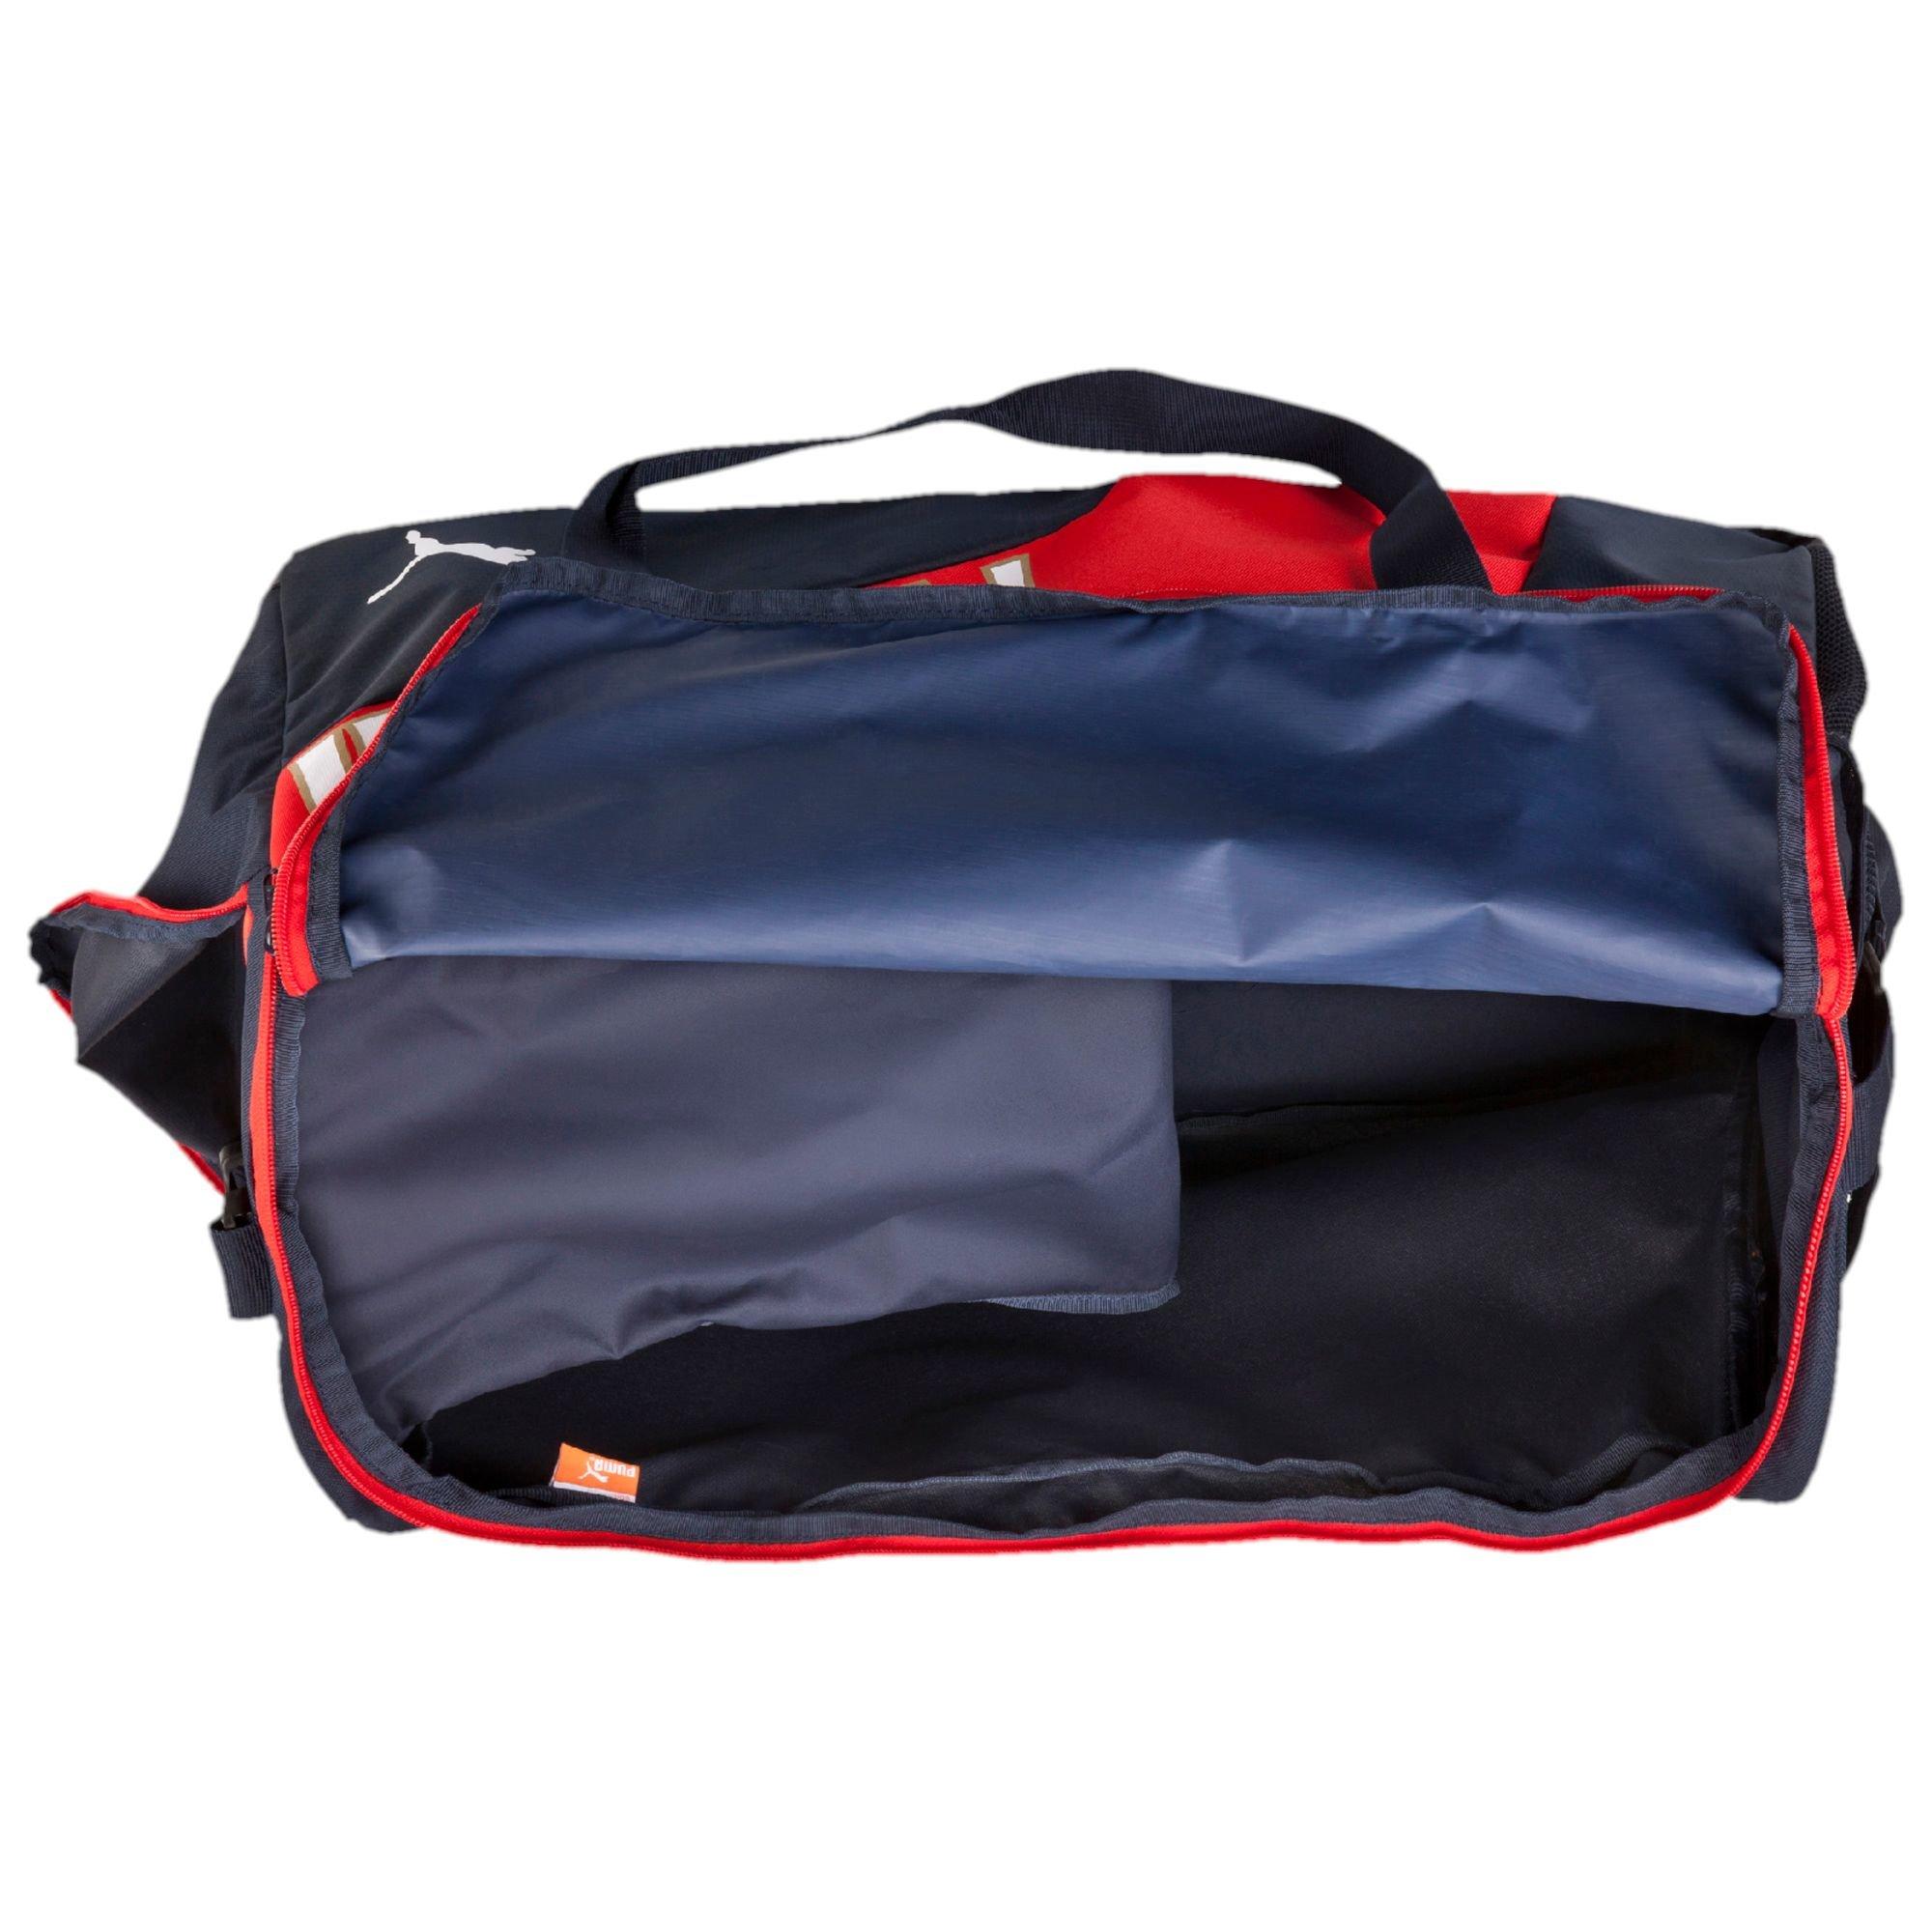 Puma evoSpeed Wheelie Bag Blue